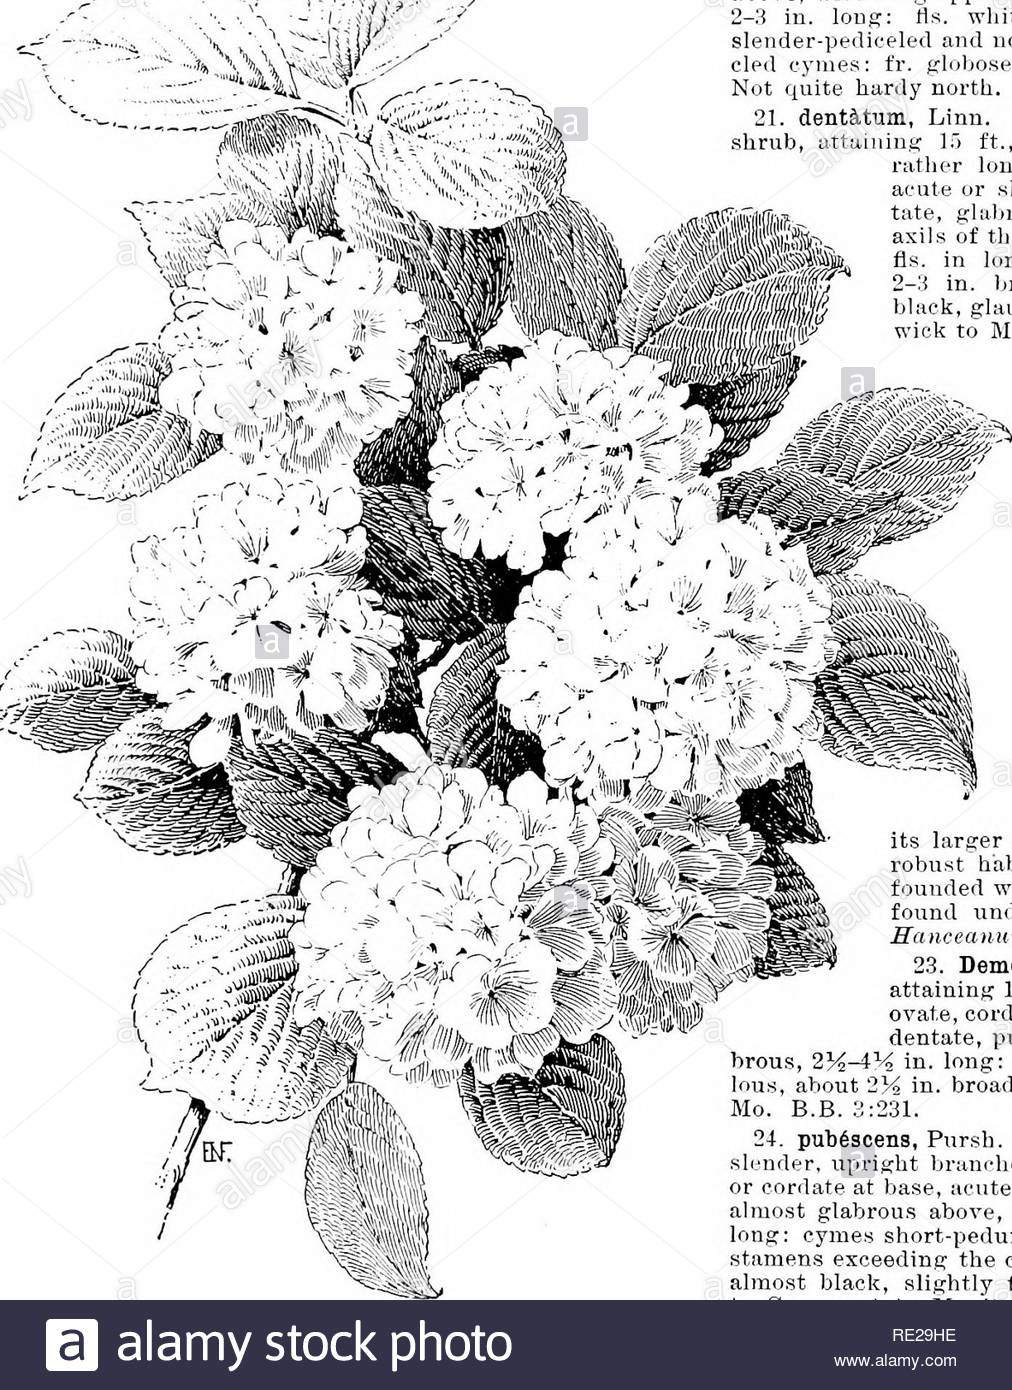 cyclopedia der amerikanischen gartenbau bestehend aus anregungen fur den anbau von gartenpflanzen beschreibungen der arten von obst gemuse blumen und zierpflanzen in den vereinigten staaten und in kanada verkauft zusammen mit geographischen und biographische skizzen im garten arbeiten 1926 viburnum viburnum 17 jap 6 nicuin spreng ich marrophijuifm blume upn rbt strauch bis 6 ft mit ghihrous hrauchey ivs breit oder rhombische eiformig zu obiony eiformig akute oder kurz zugespitzt aus der ferne gyrus ausser an der unterseite 3 g ie lang fls kurz peduncled kahl cymes 2 4 in breite f re29he